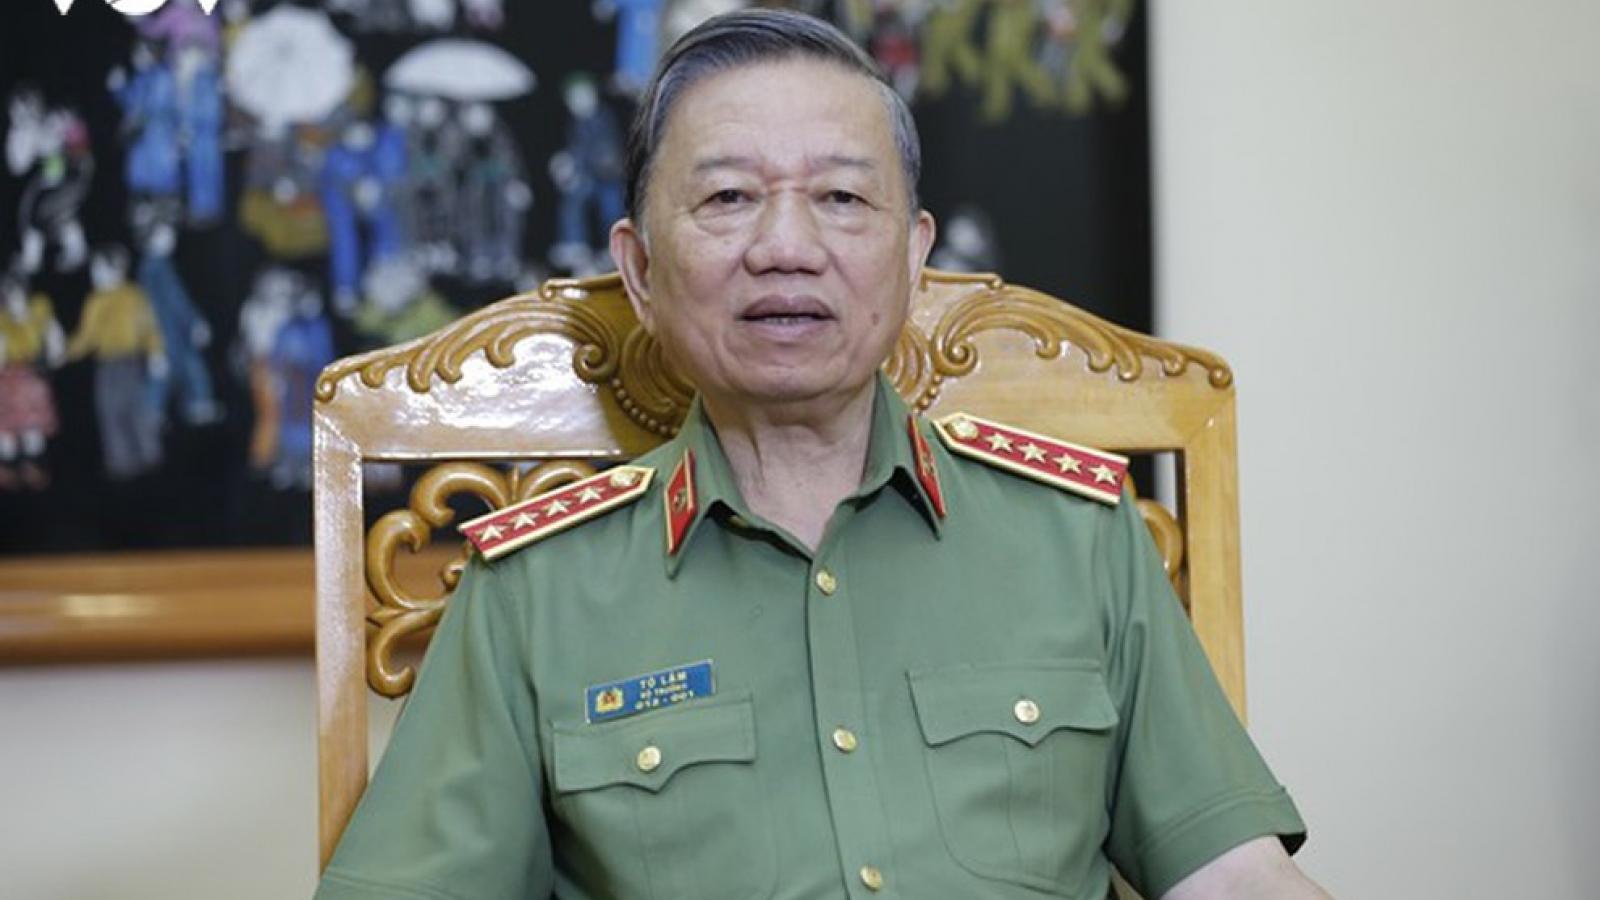 Bộ trưởng Tô Lâm: Sẽ hoàn thiện pháp luật để xử lý thông tin xấu, độc trên mạng